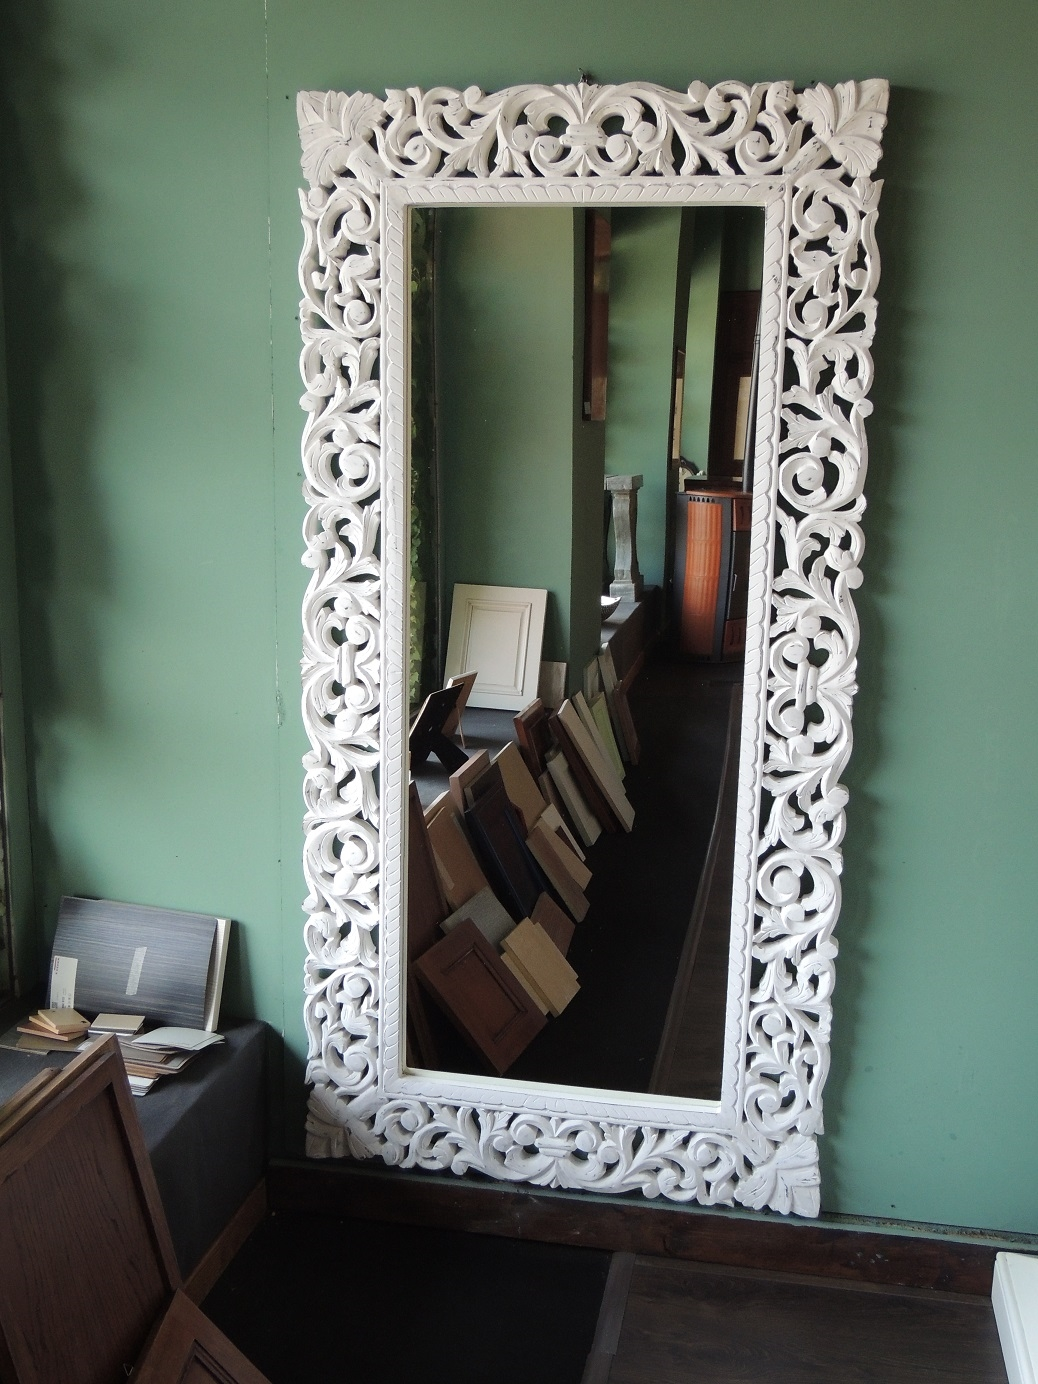 Specchio da parete con cornice in legno decapata bianca - Complementi d arredo camera da letto ...